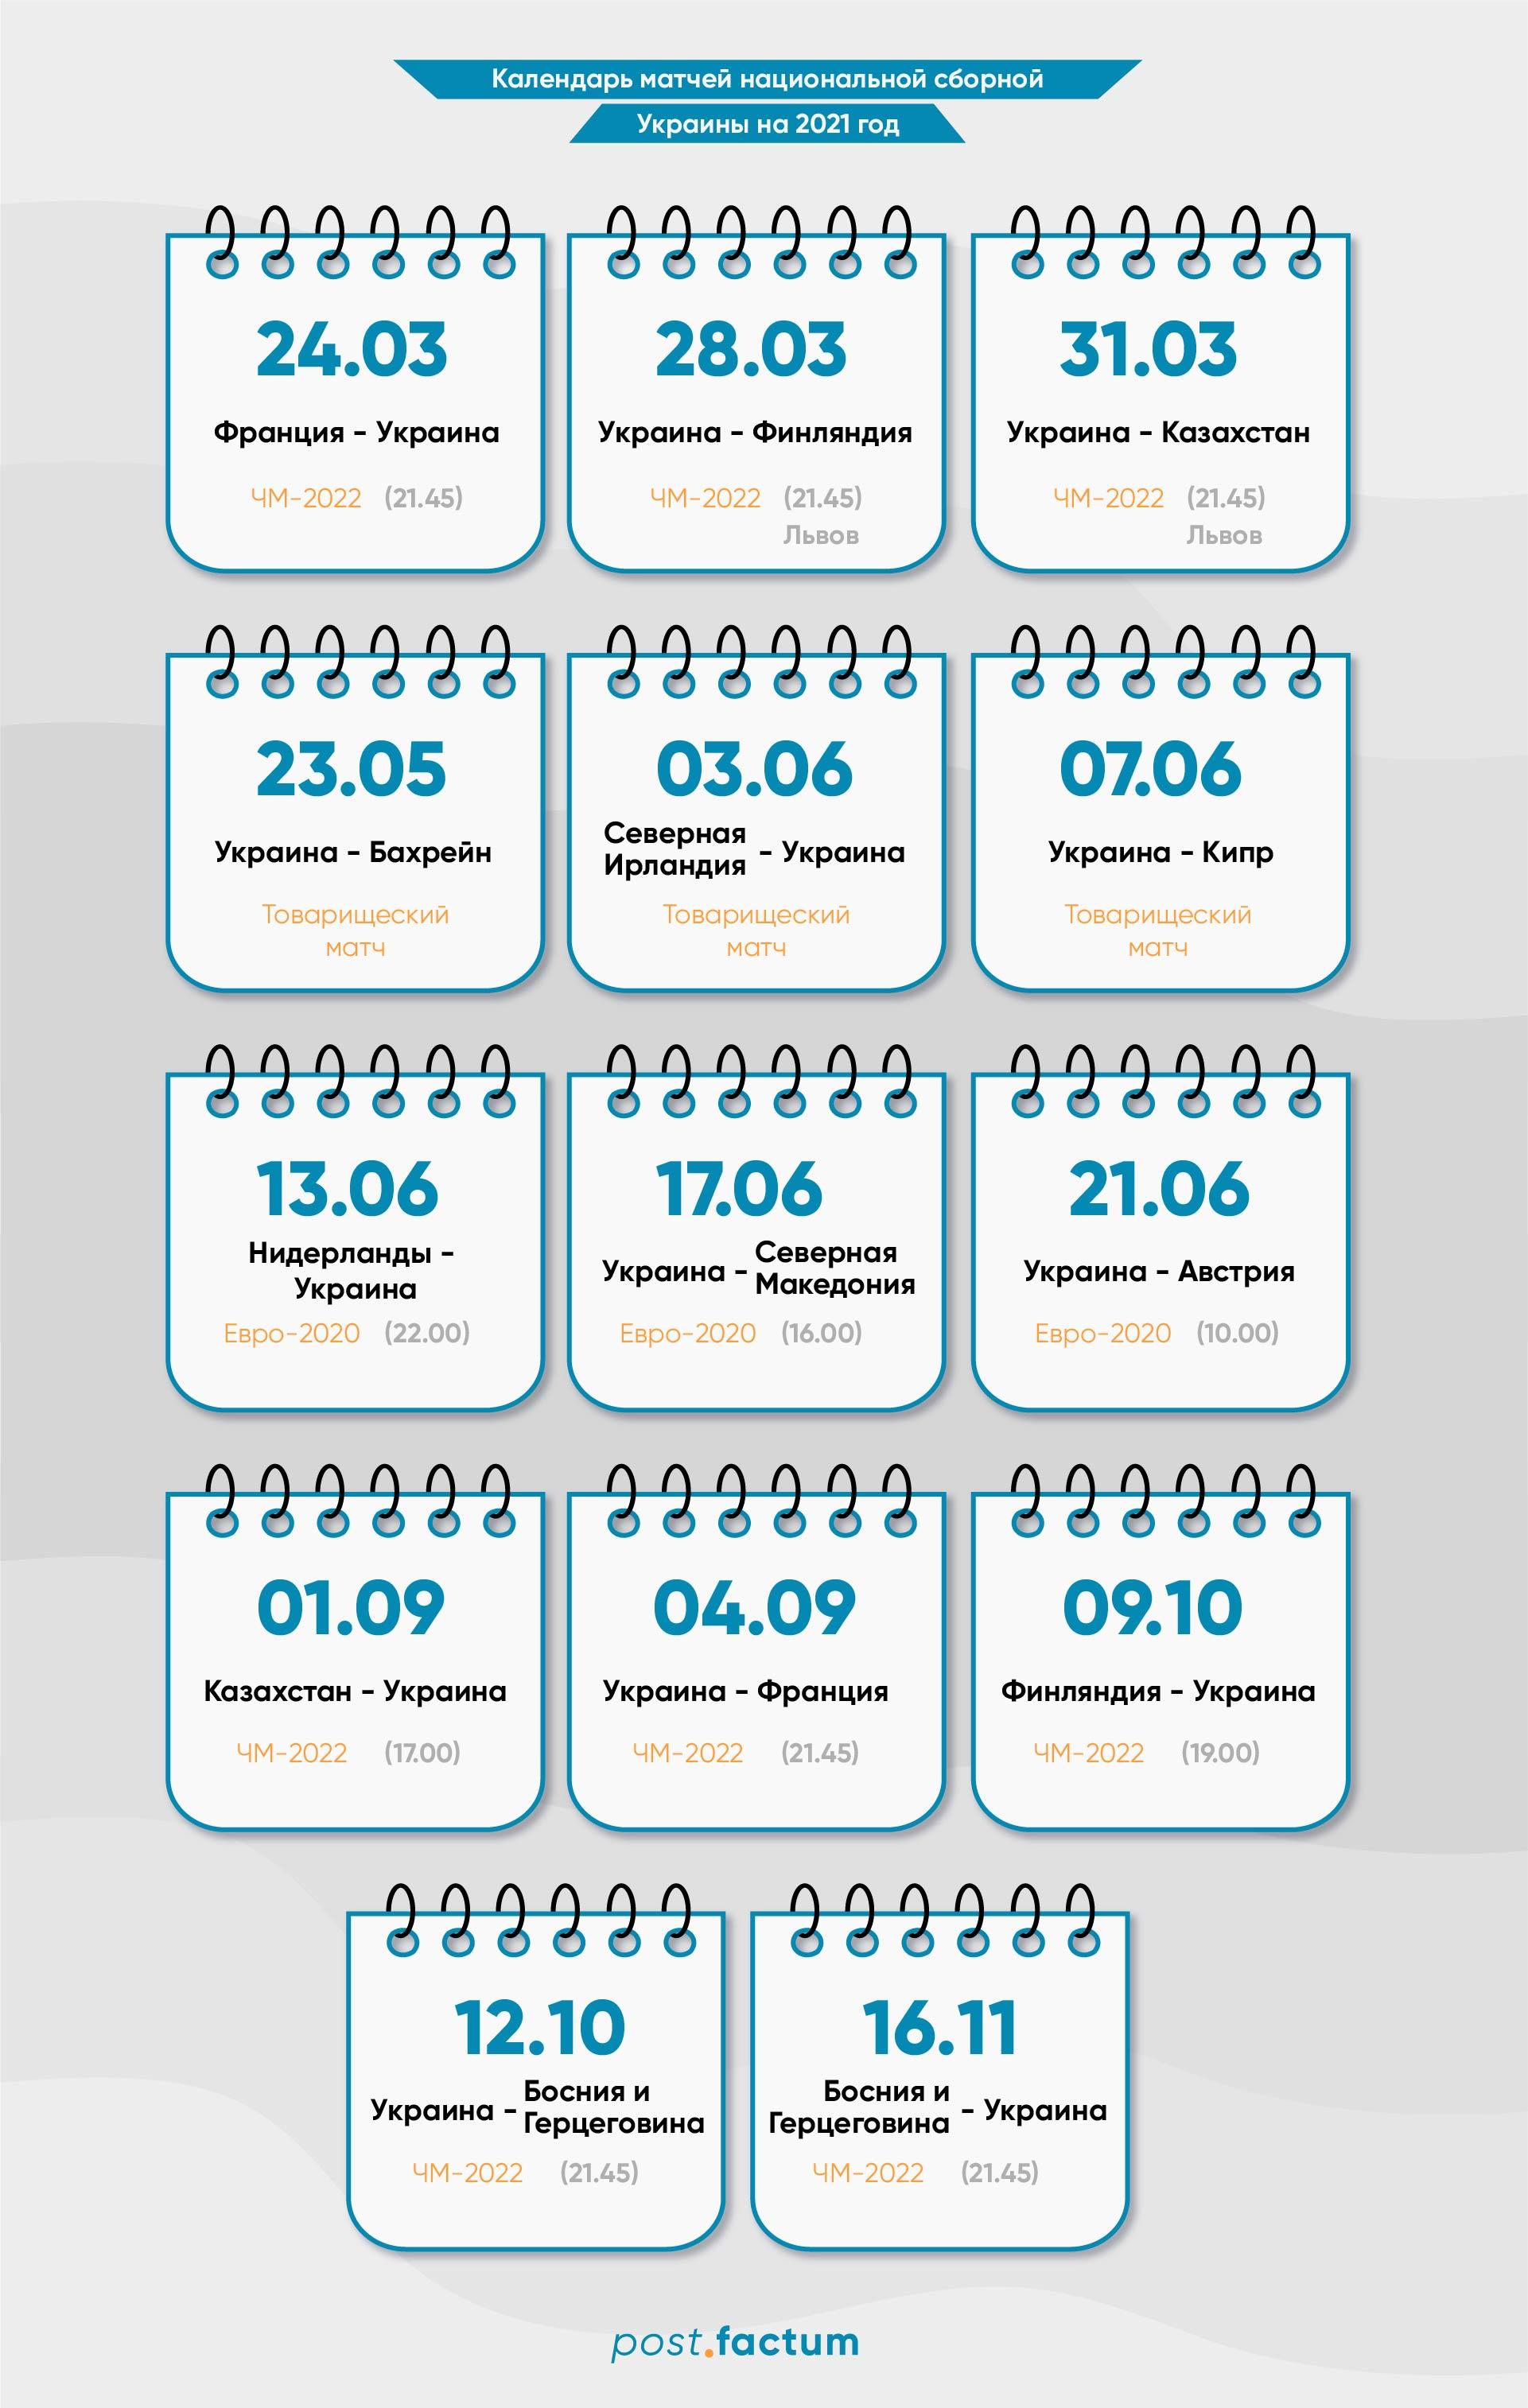 Инфографика: расписание матчей сборной Украины на 2021 год — фото 1